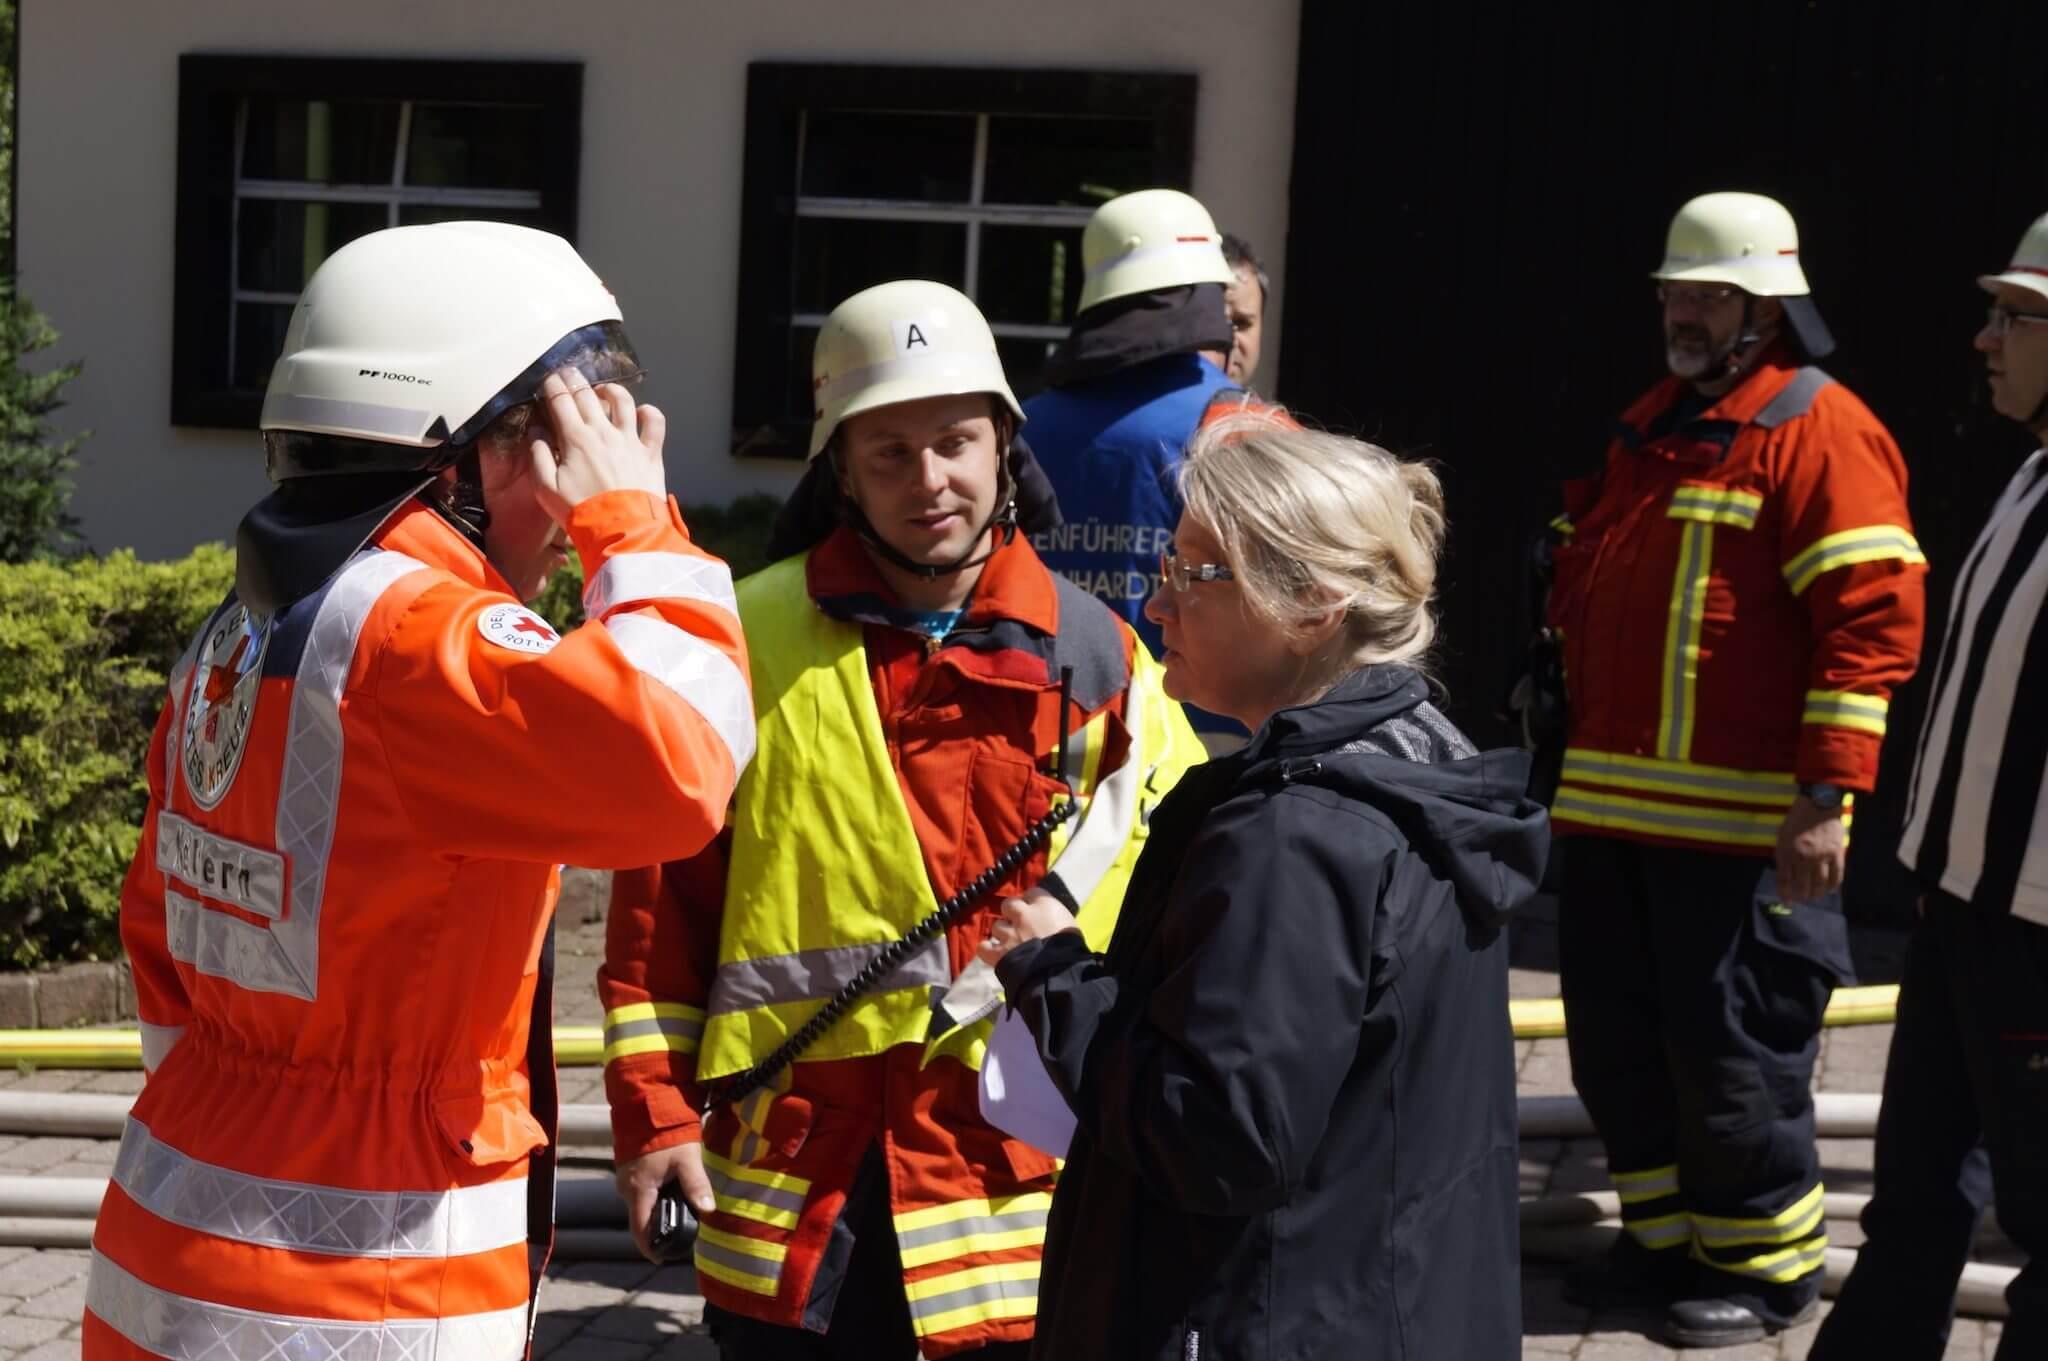 An der Übung waren außer der Freiwilligen Feuerwehr Straubenhardt auch das DRK beteiligt.